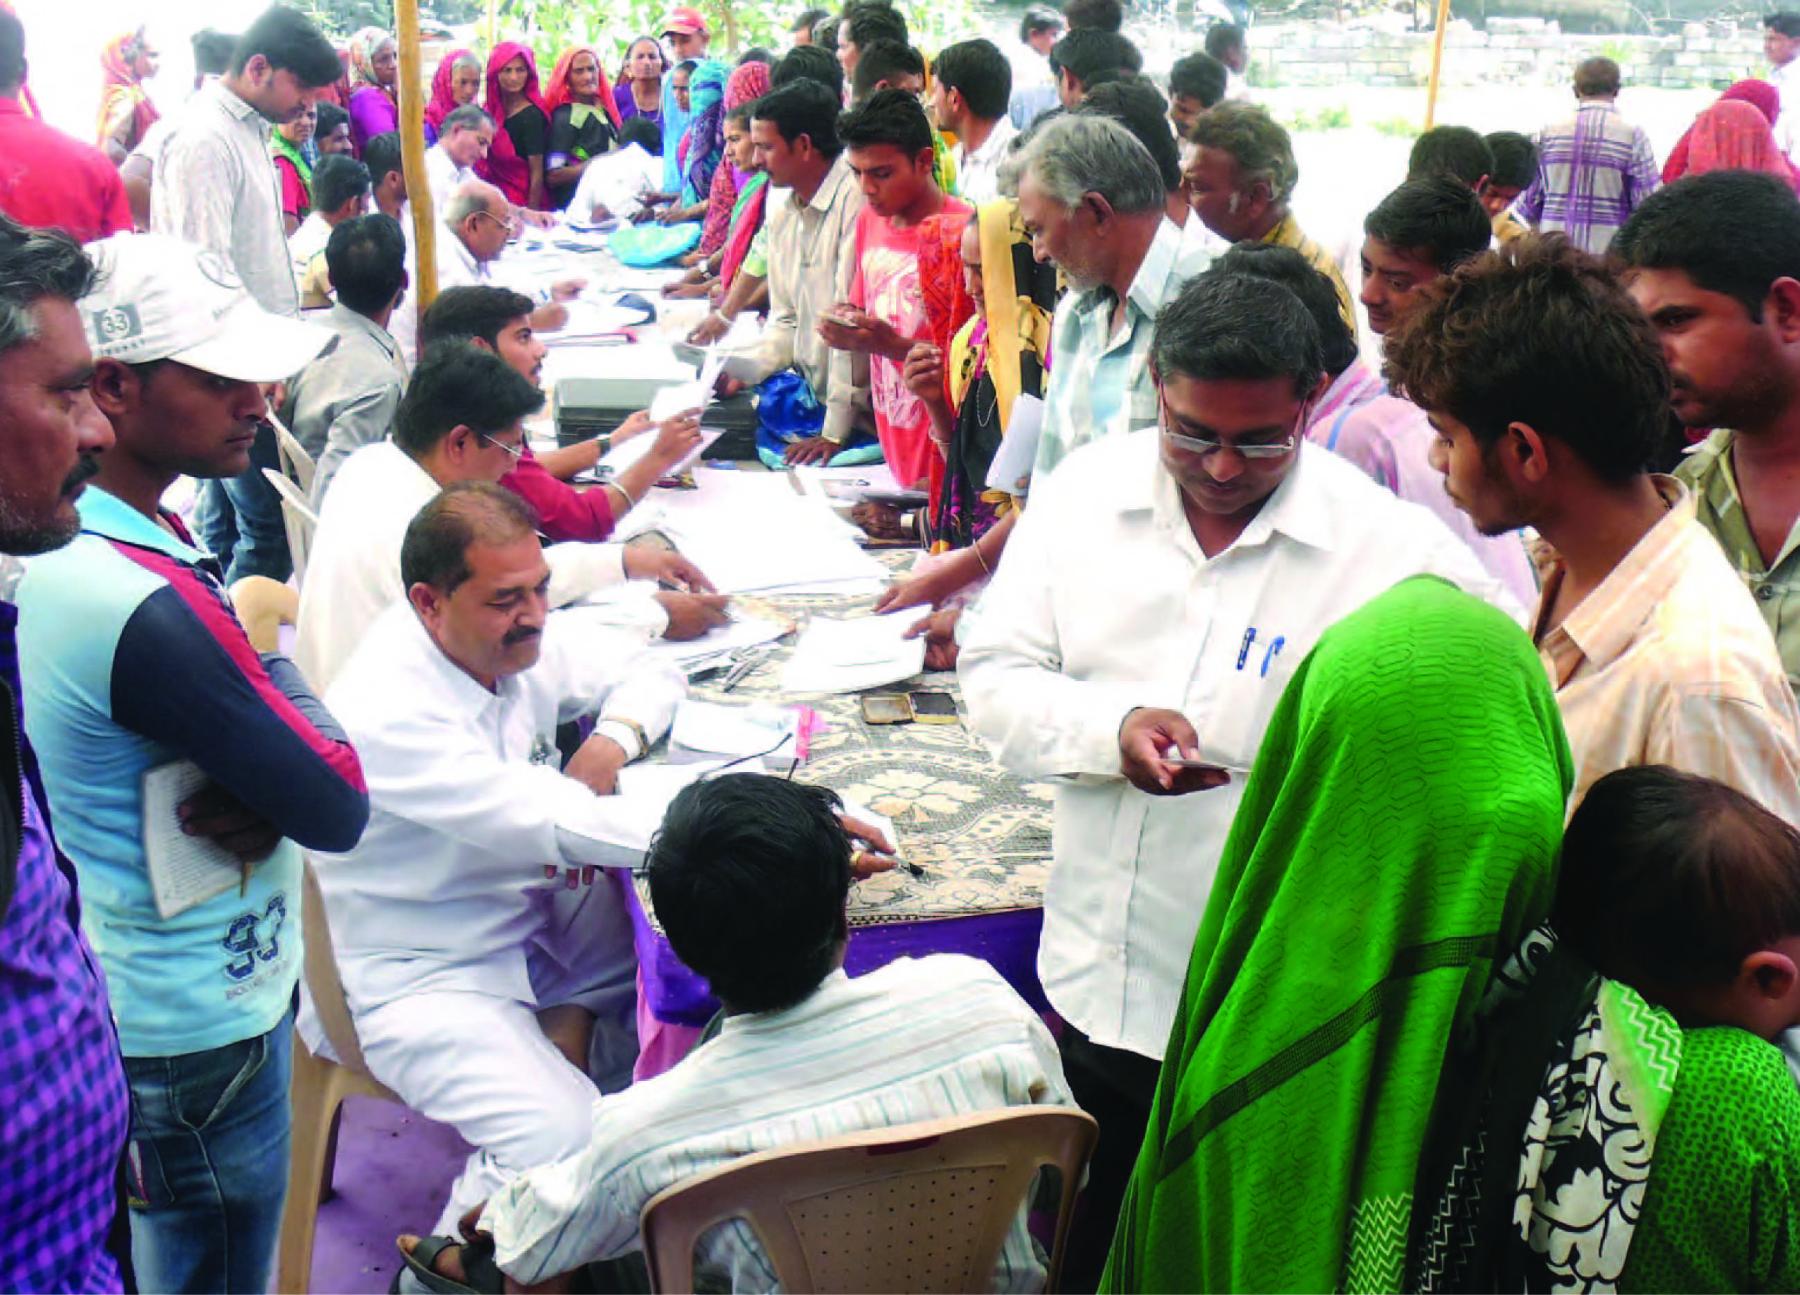 ગુજરાત સરકાર જનતાને દ્વાર, ઉકેલાયા પ્રશ્ર્નો અપરંપાર સેવા સેતુ અનોખો સફળ પ્રયોગ